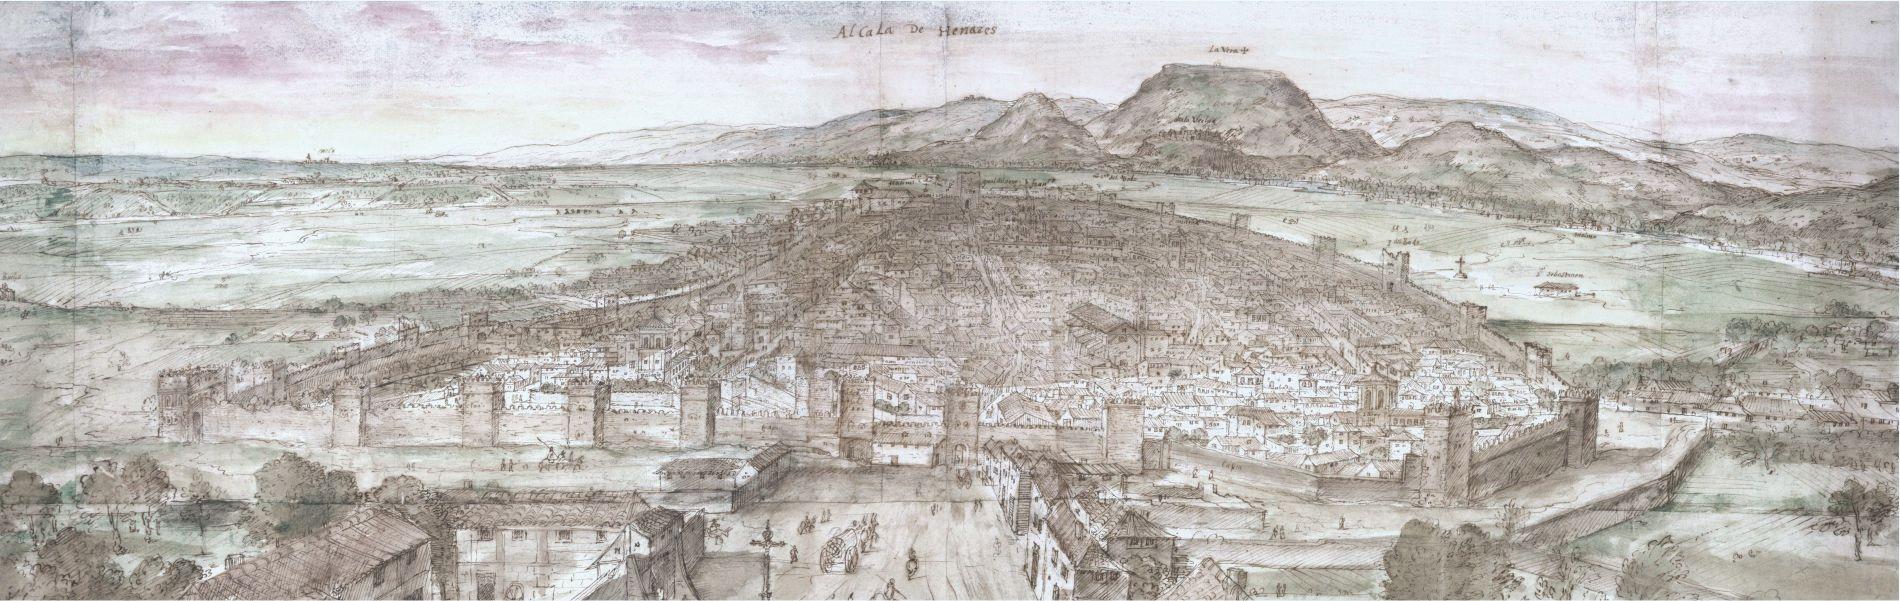 Institución de Estudios Complutenses, Alcalá de Henares